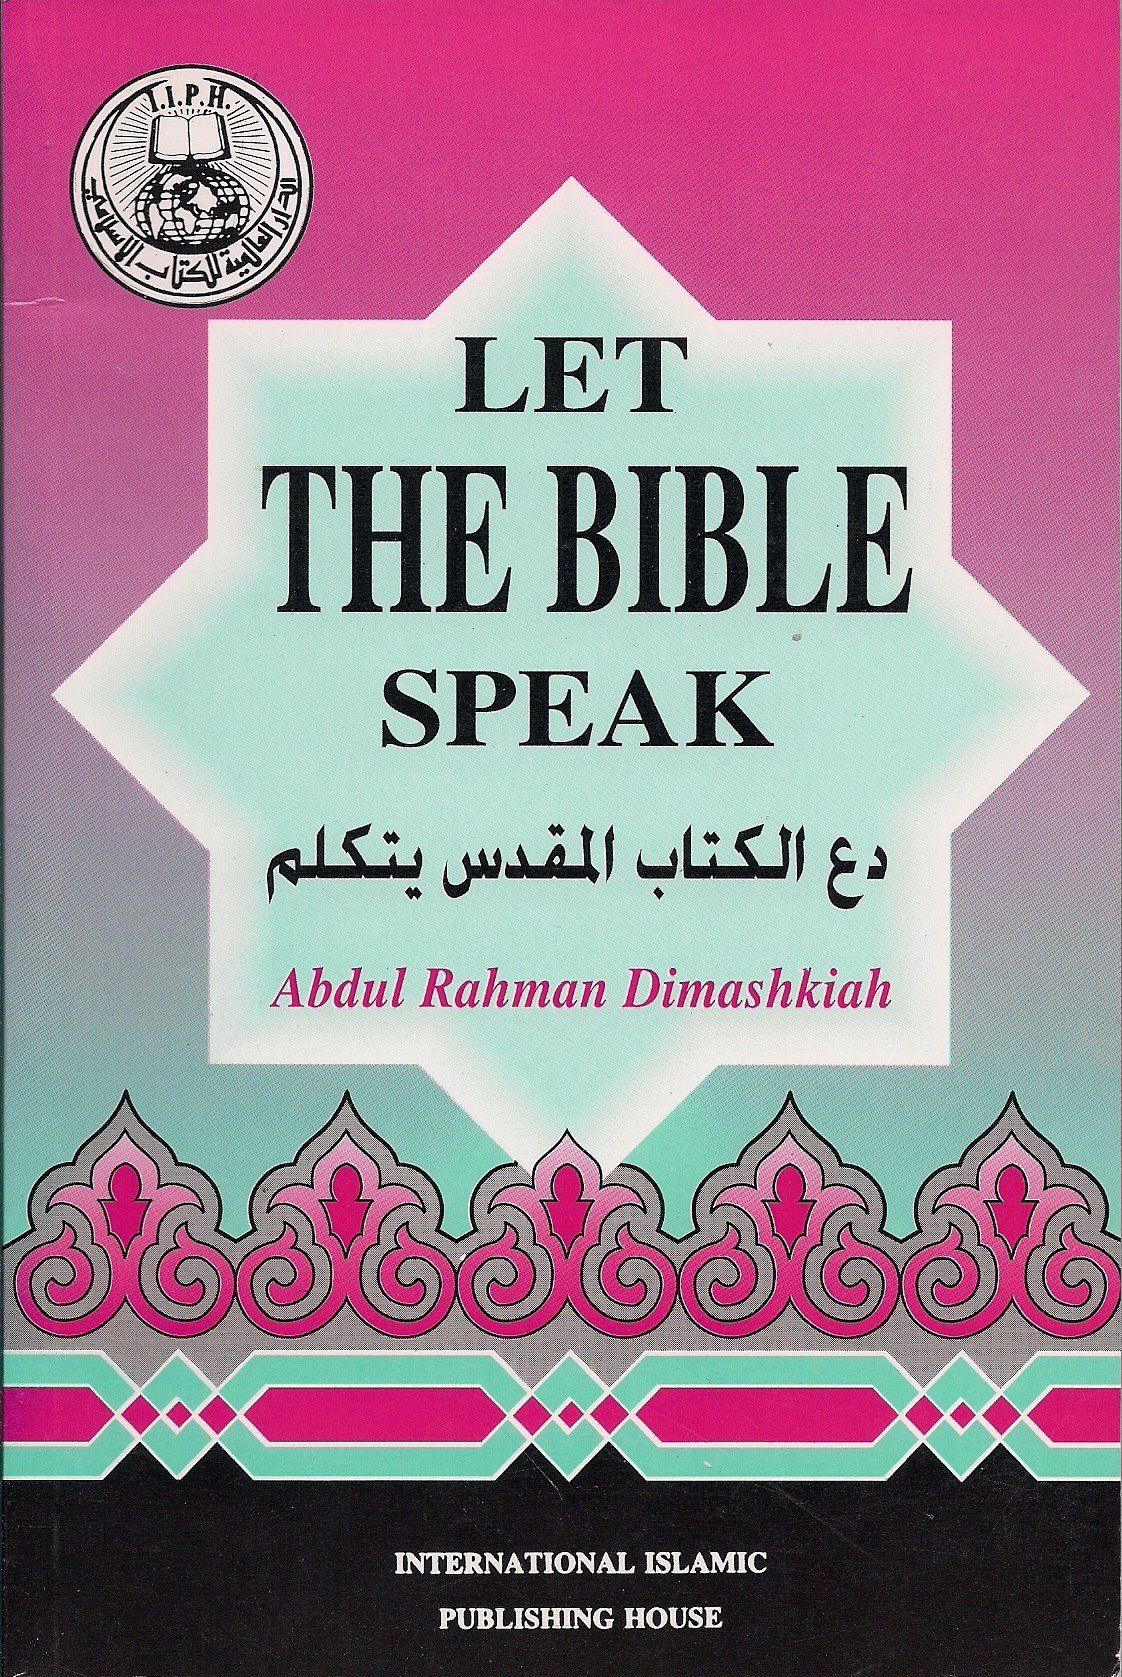 let the bible speak.jpg